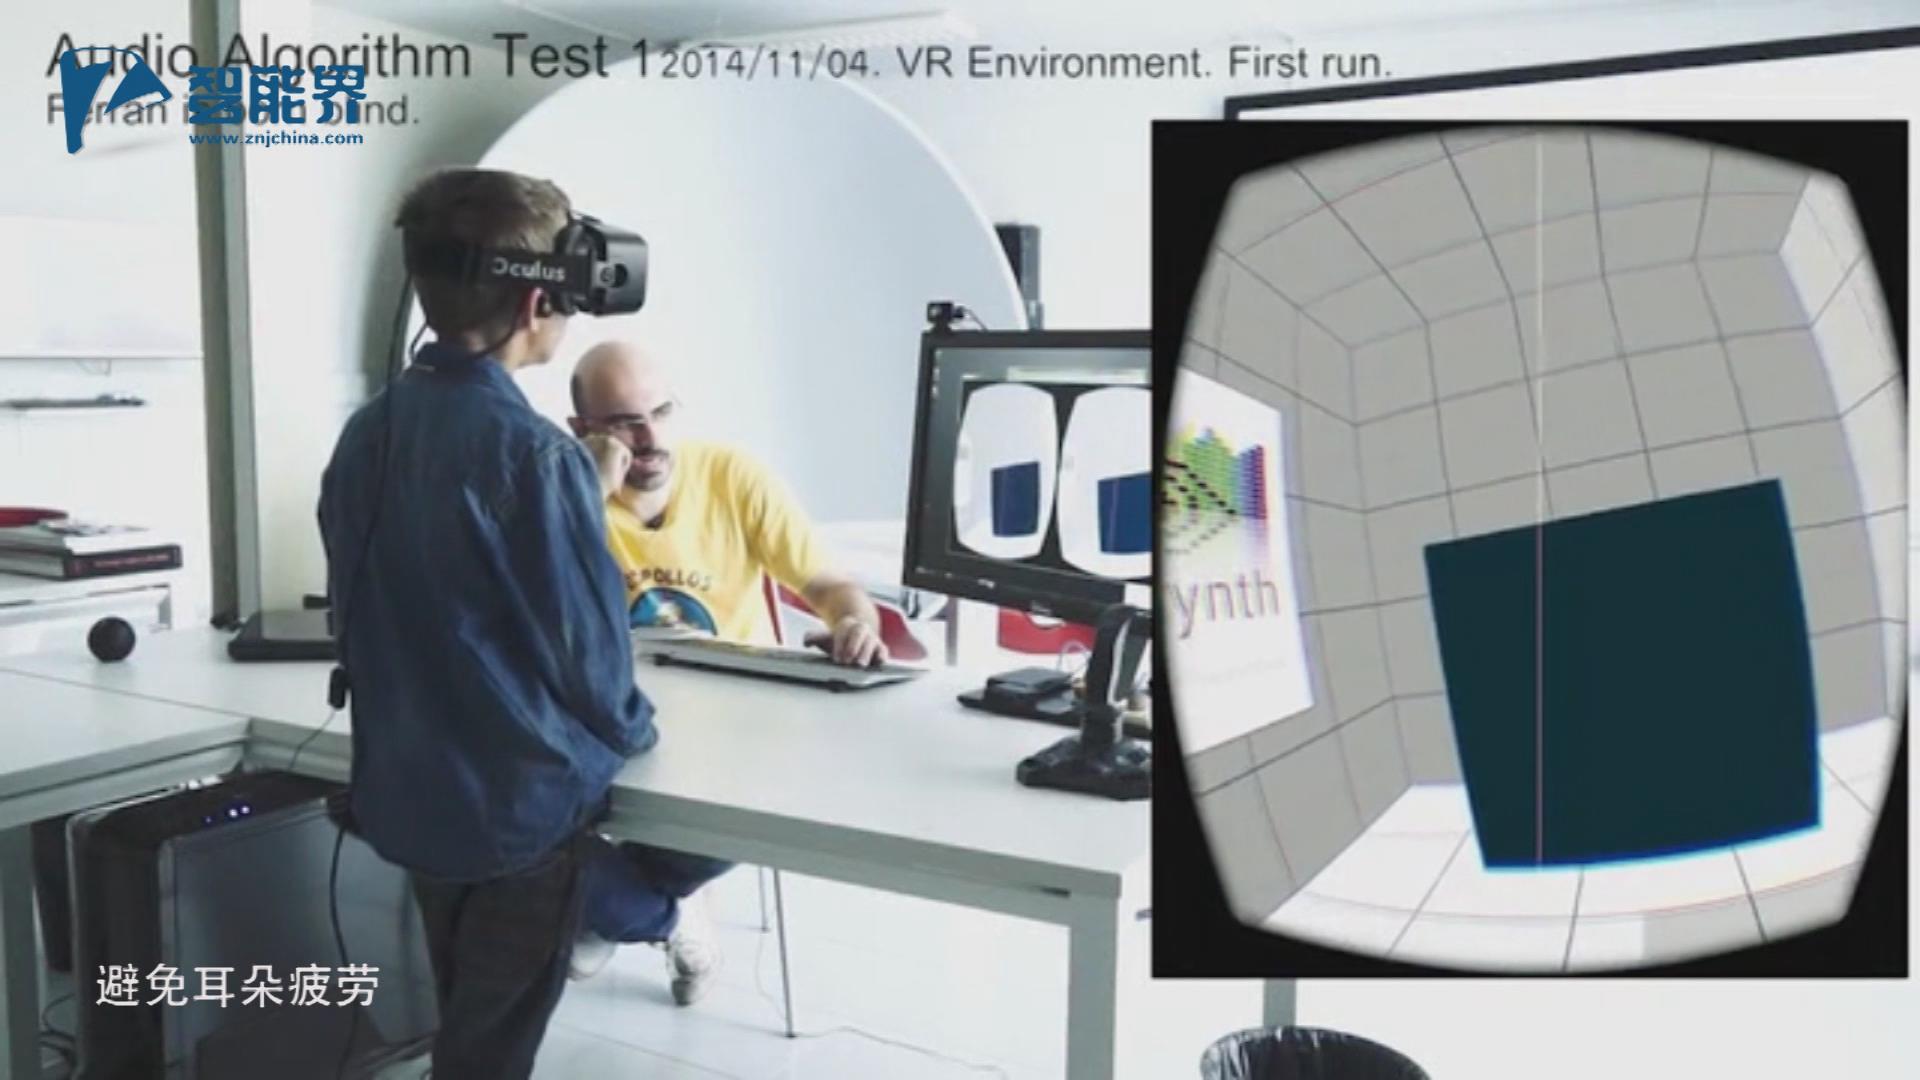 【智能界大百科】盲人福音:Eyesynth让听力变成视力的智能眼镜